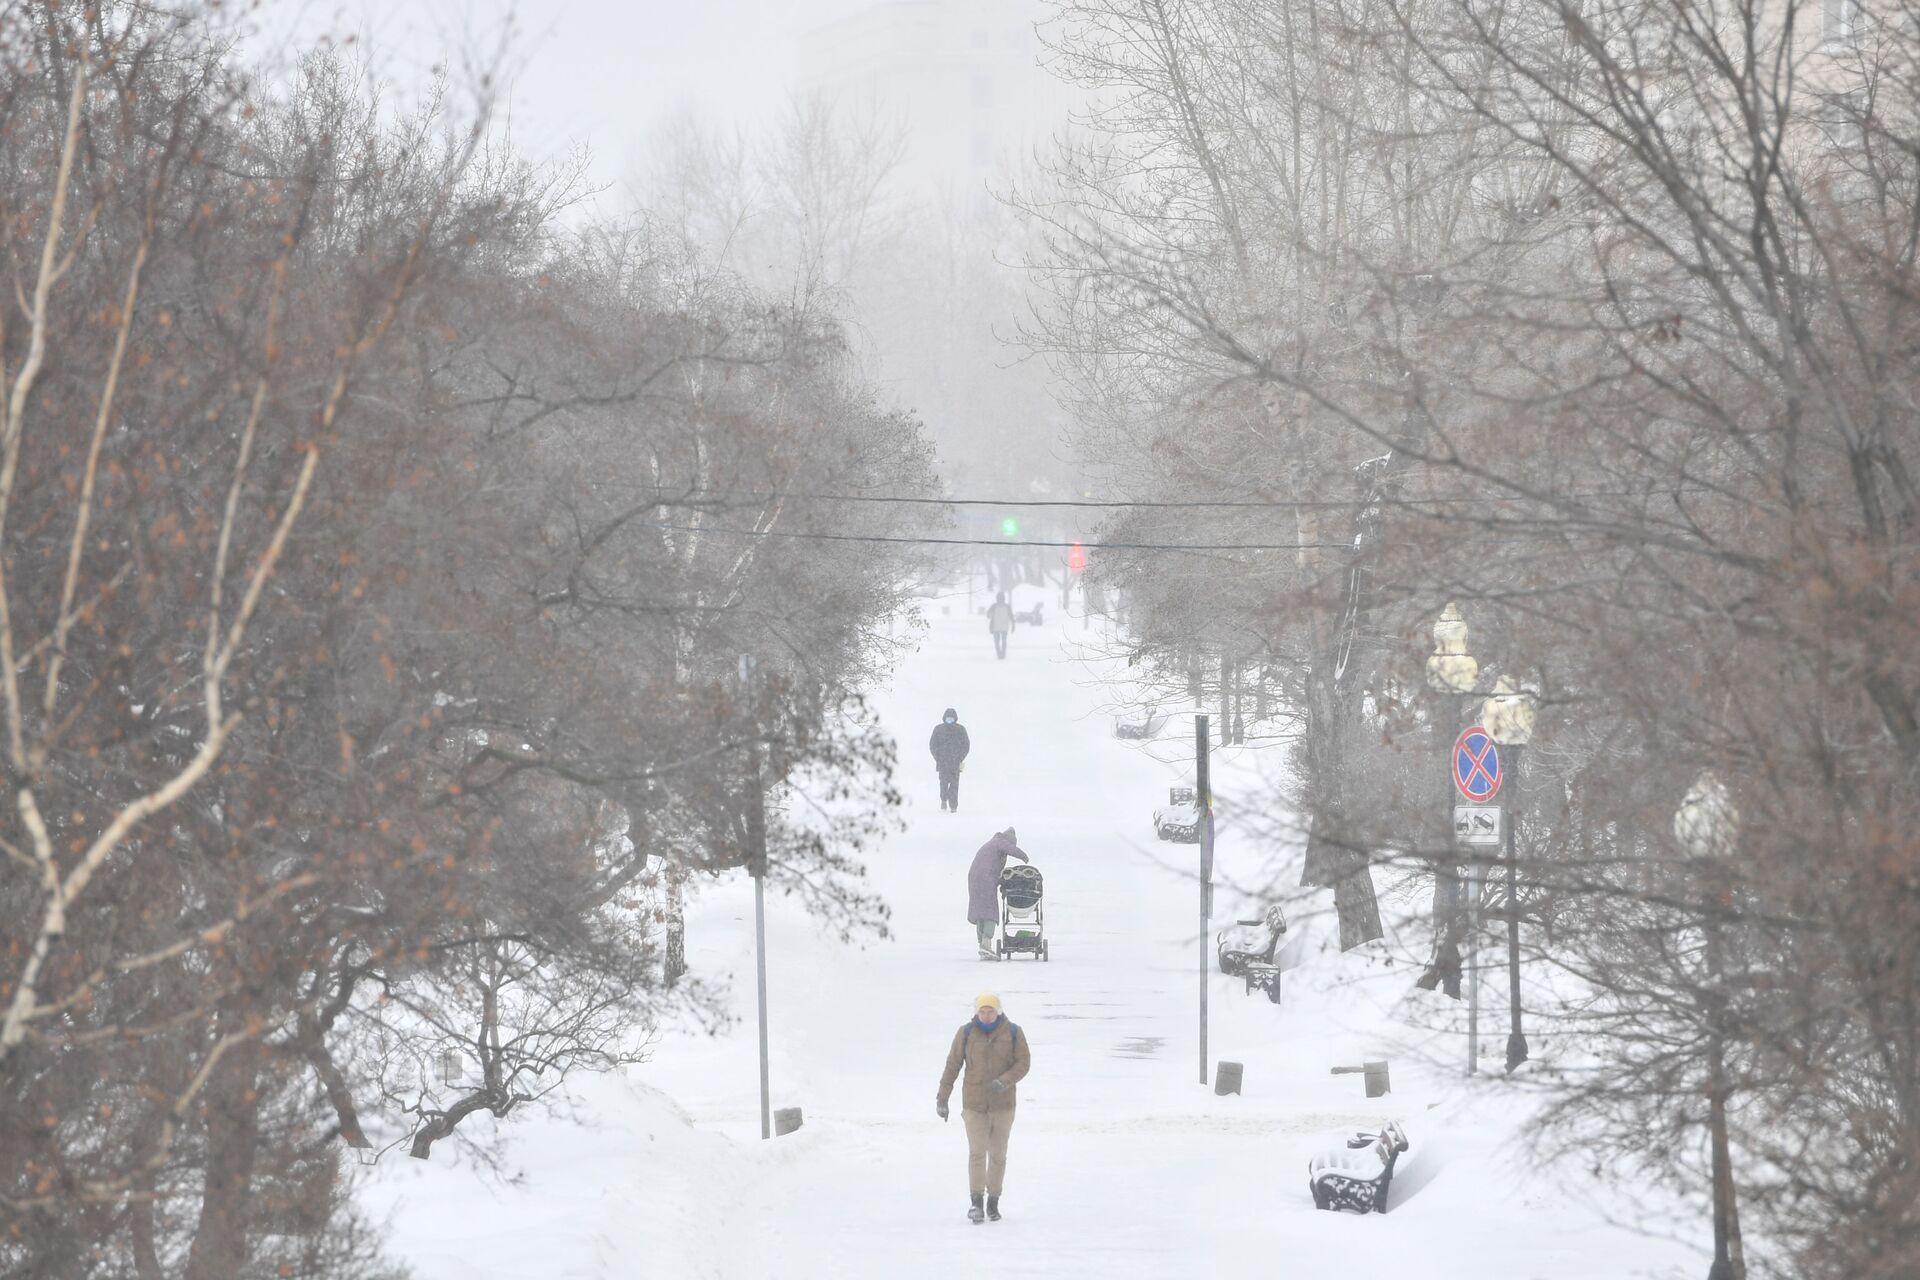 Снежна мећава у Москви, 60.000 комуналаца покушава да спречи колапс града /фото/ - Sputnik Србија, 1920, 12.02.2021